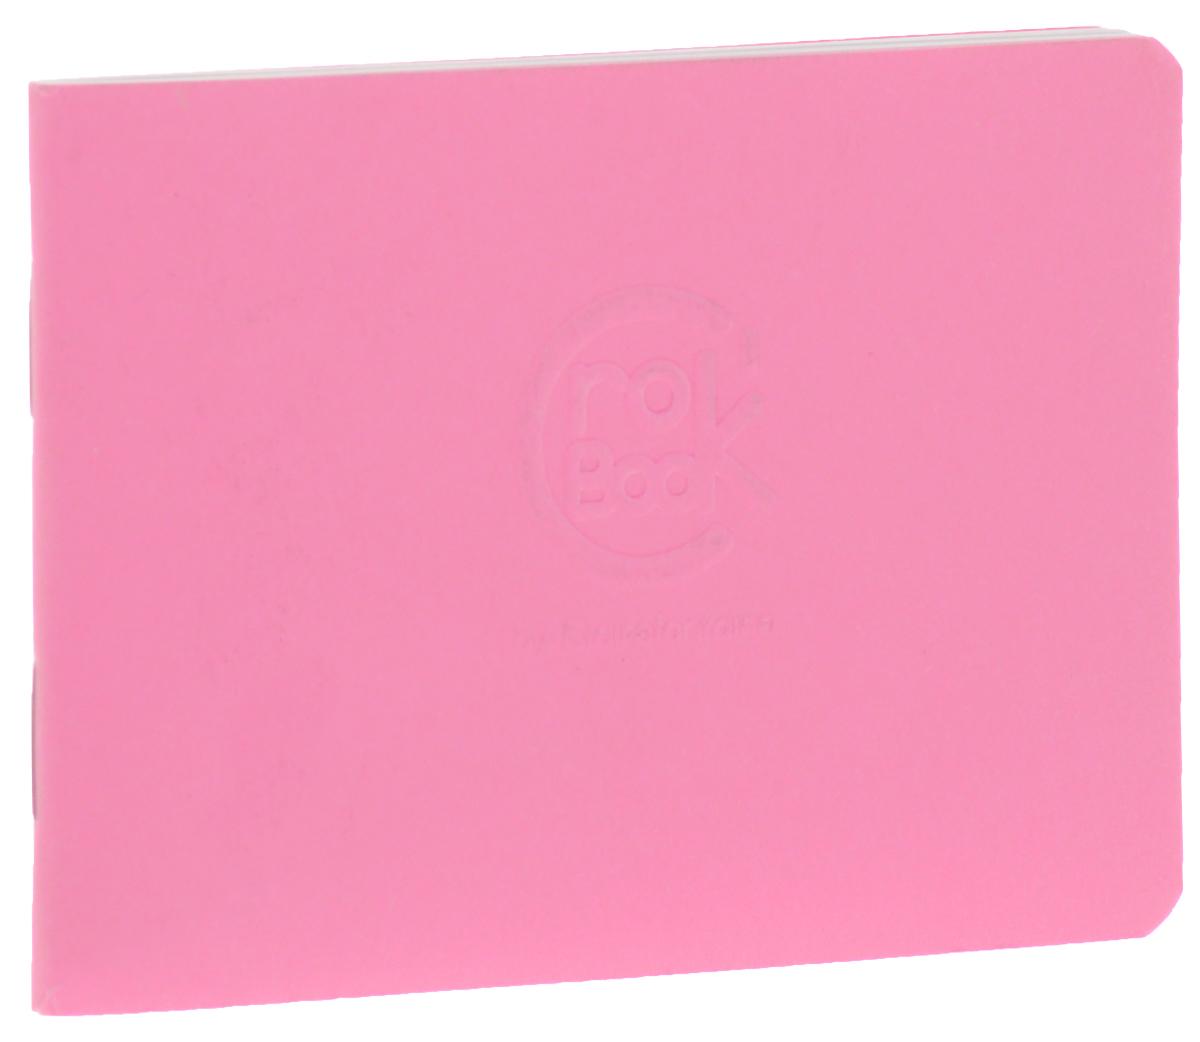 Блокнот Clairefontaine Crok Book, цвет: розовый, формат A7, 24 листа6035С_розовыйОригинальный блокнот Clairefontaine Crok Book идеально подойдет для памятных записей, любимых стихов, рисунков и многого другого. Плотная обложка предохраняет листы от порчи и замятия. Блокнот формата А7 содержит 24 листа.Такой блокнот станет забавным и практичным подарком - он не затеряется среди бумаг, и долгое время будет вызывать улыбку окружающих.